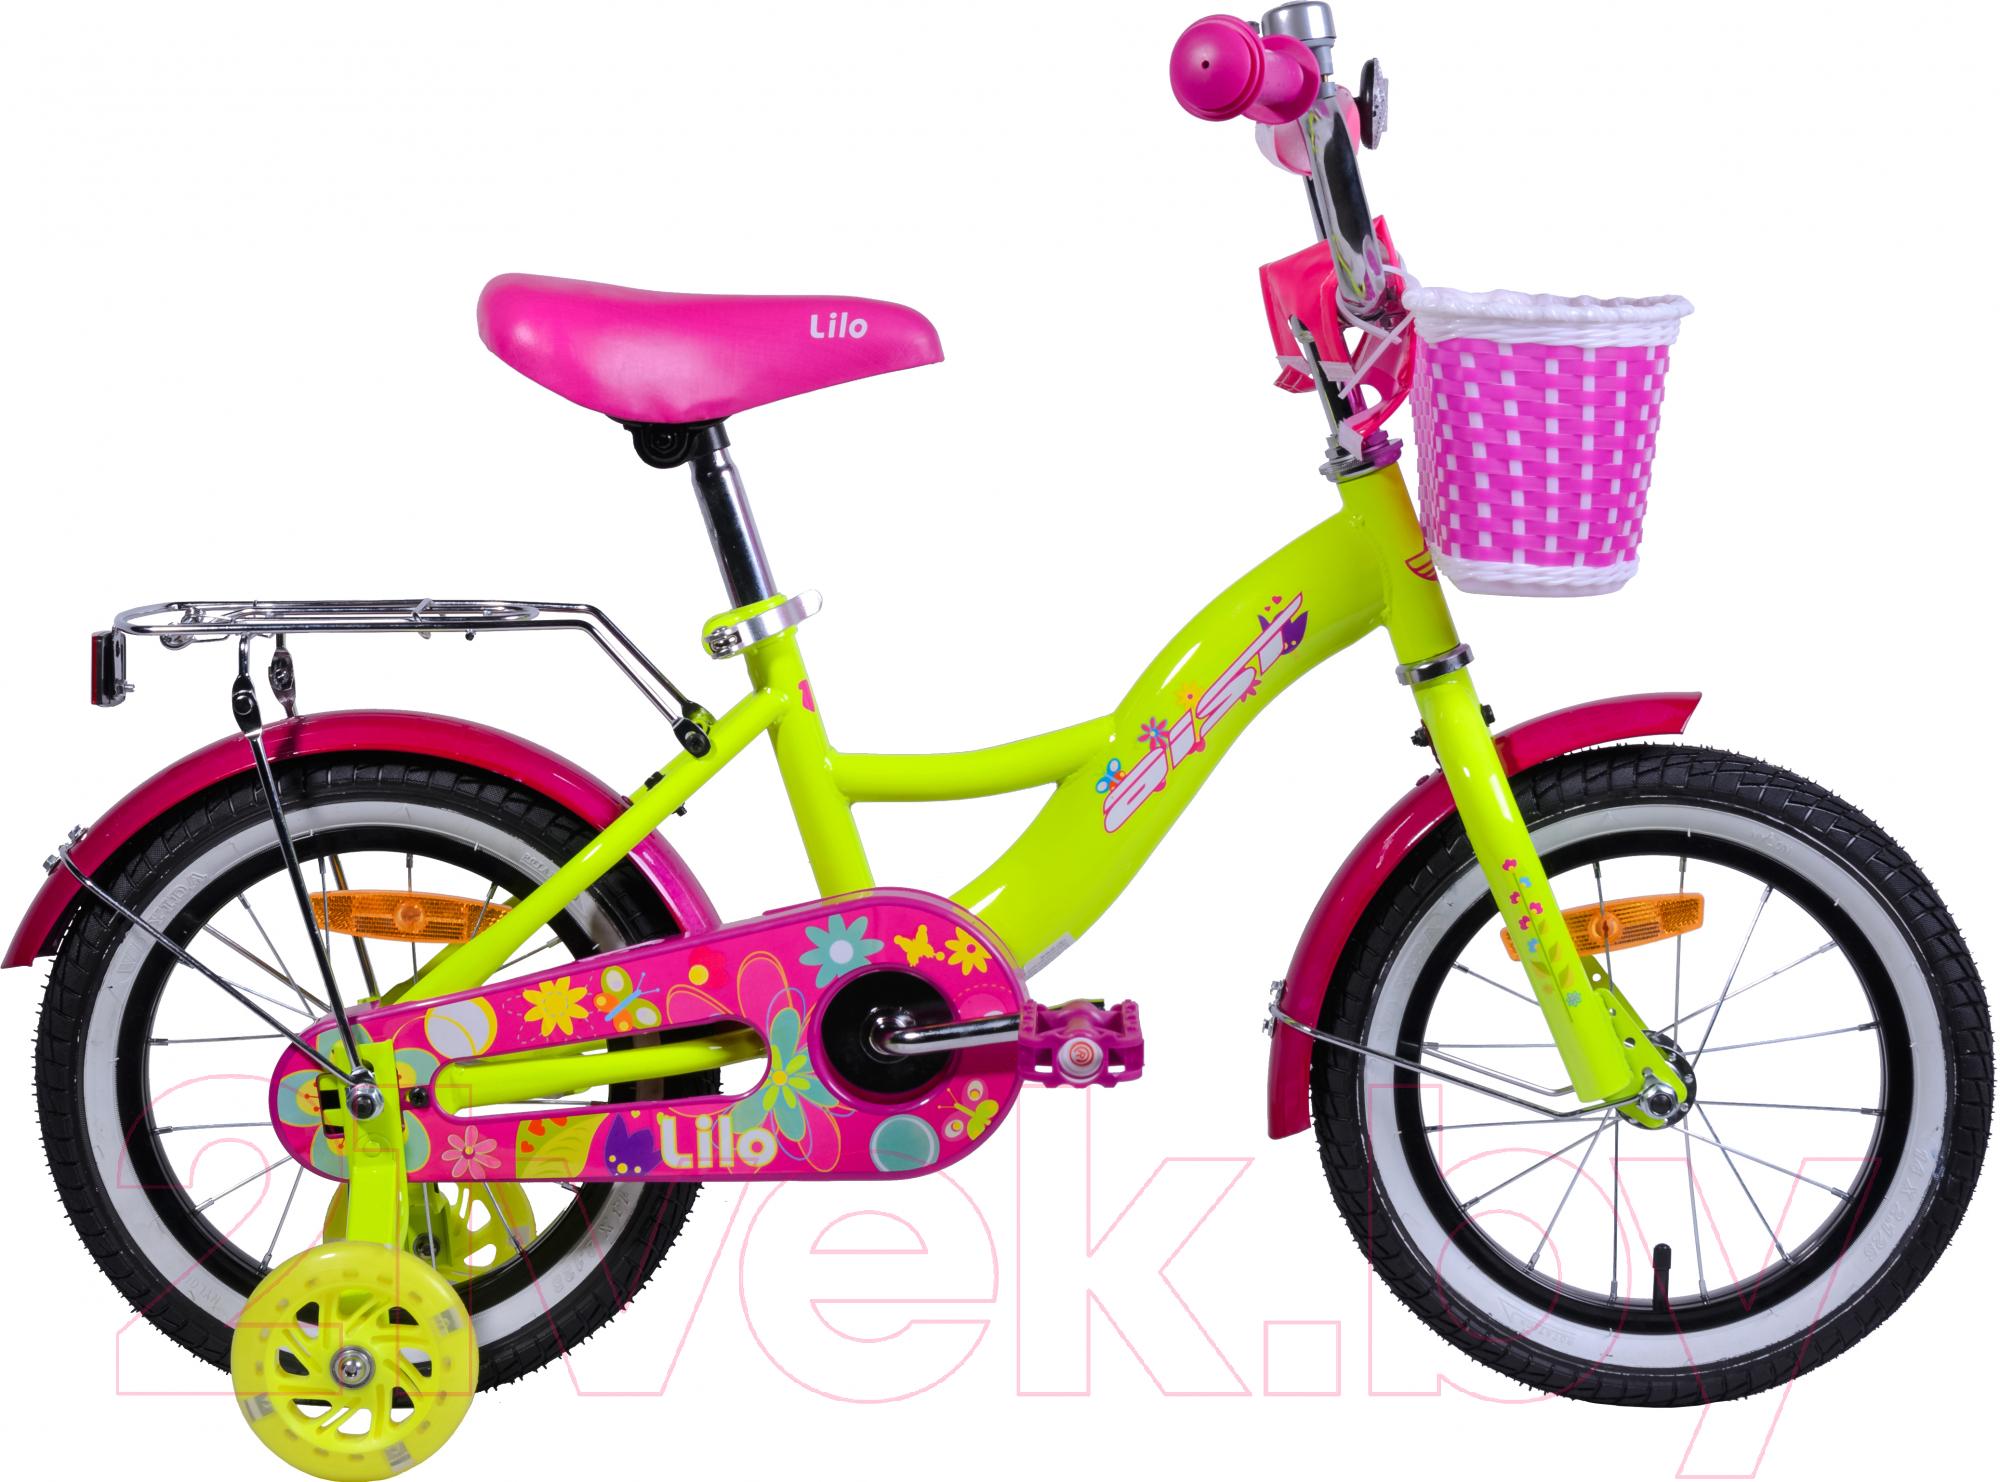 Купить Детский велосипед AIST, Lilo 2019 (14, желтый), Беларусь